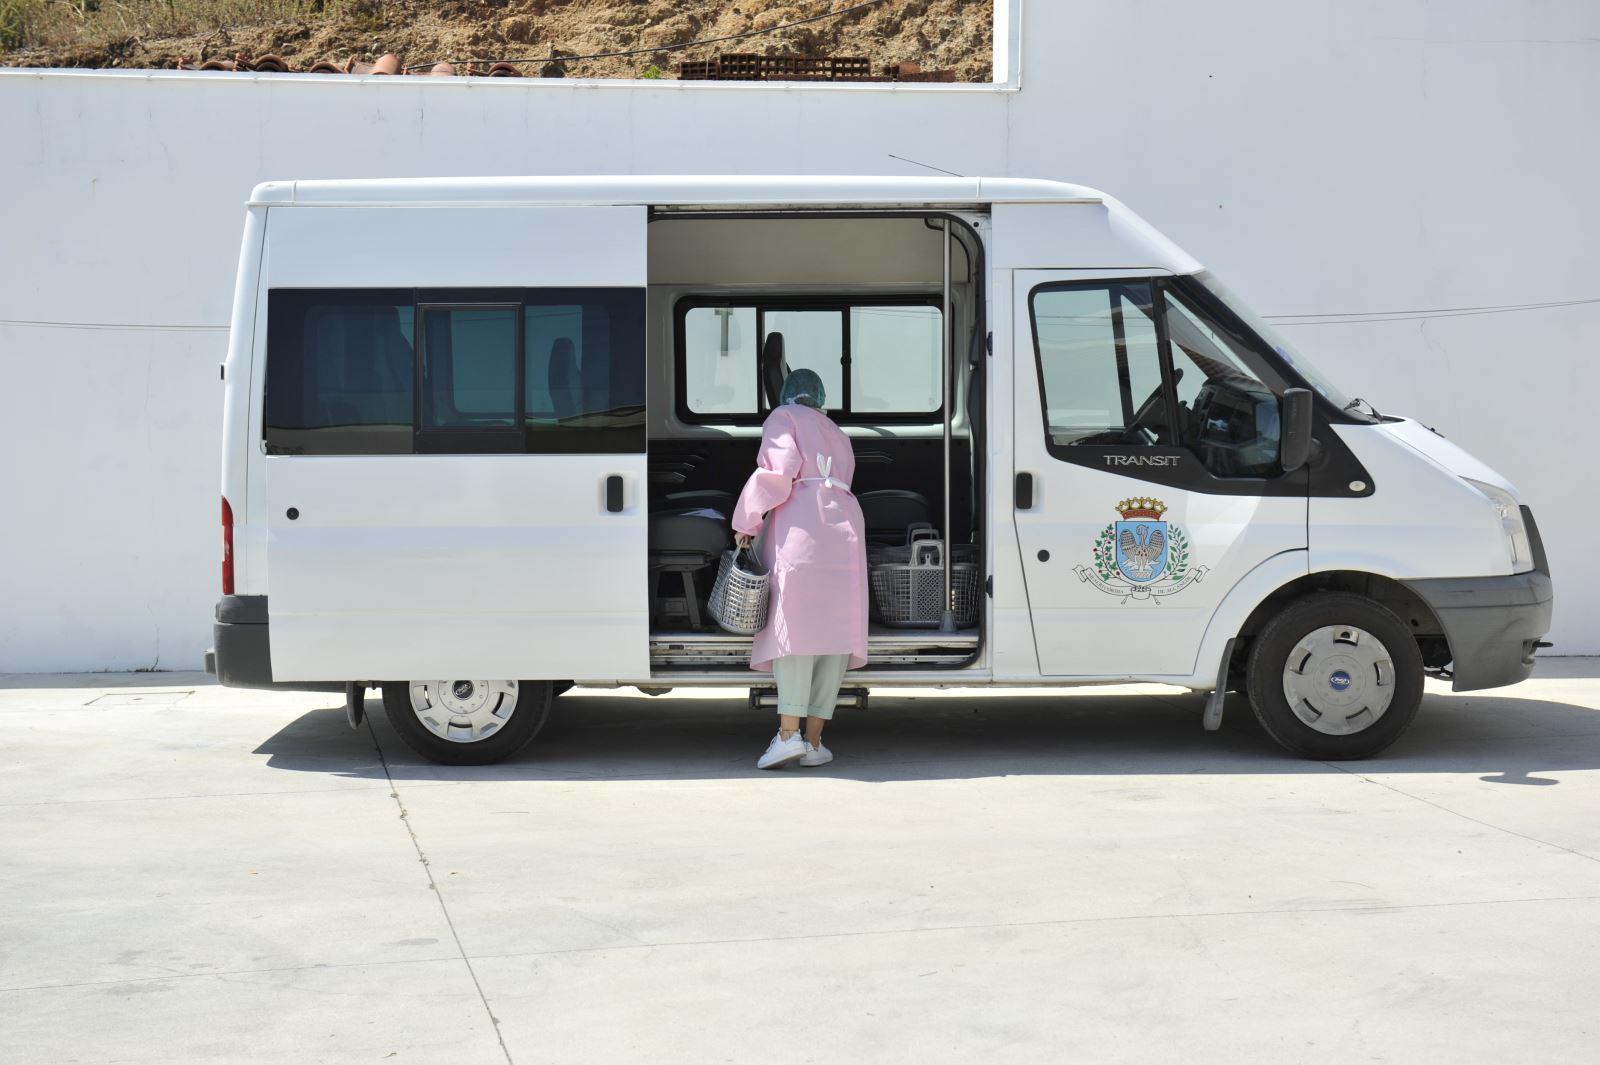 Alcanede | Voluntariado para assegurar apoio a idosos isolados